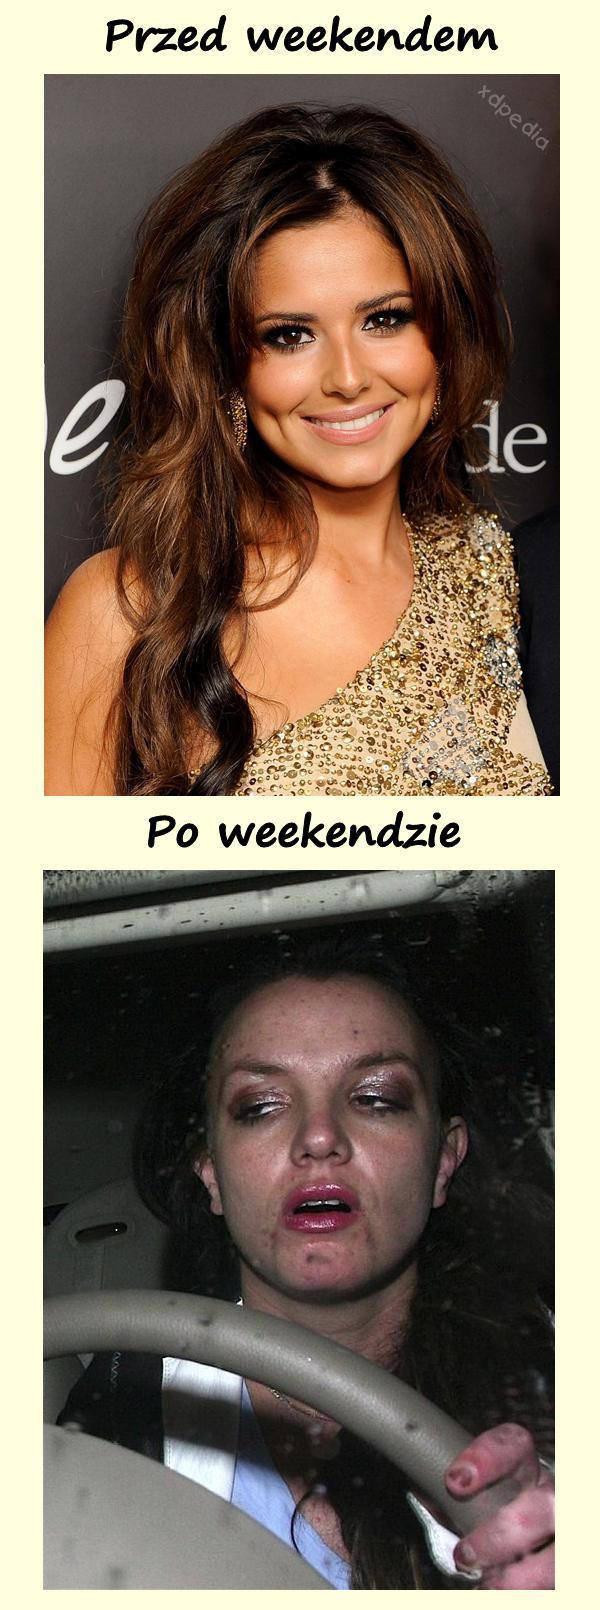 Wygląd - przed weekendem vs. po weekendzie Tagi: kwejk, memy, mem, weekend, melanż, zgon, zjazd, wygląd, łikend, odlot.